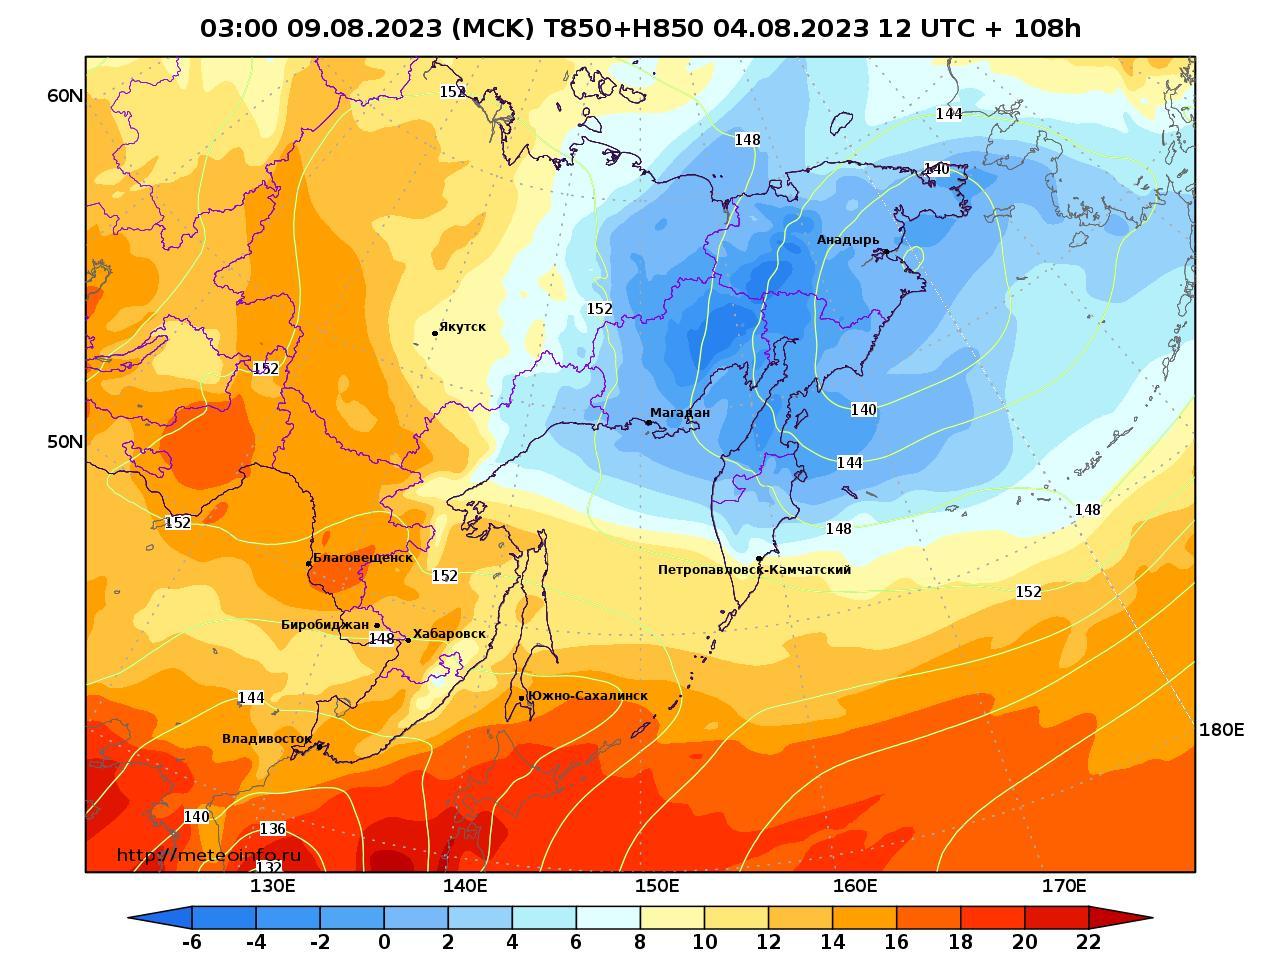 Дальний Восток, прогностическая карта температура T850 и геопотенциал H850, заблаговременность прогноза 108 часов